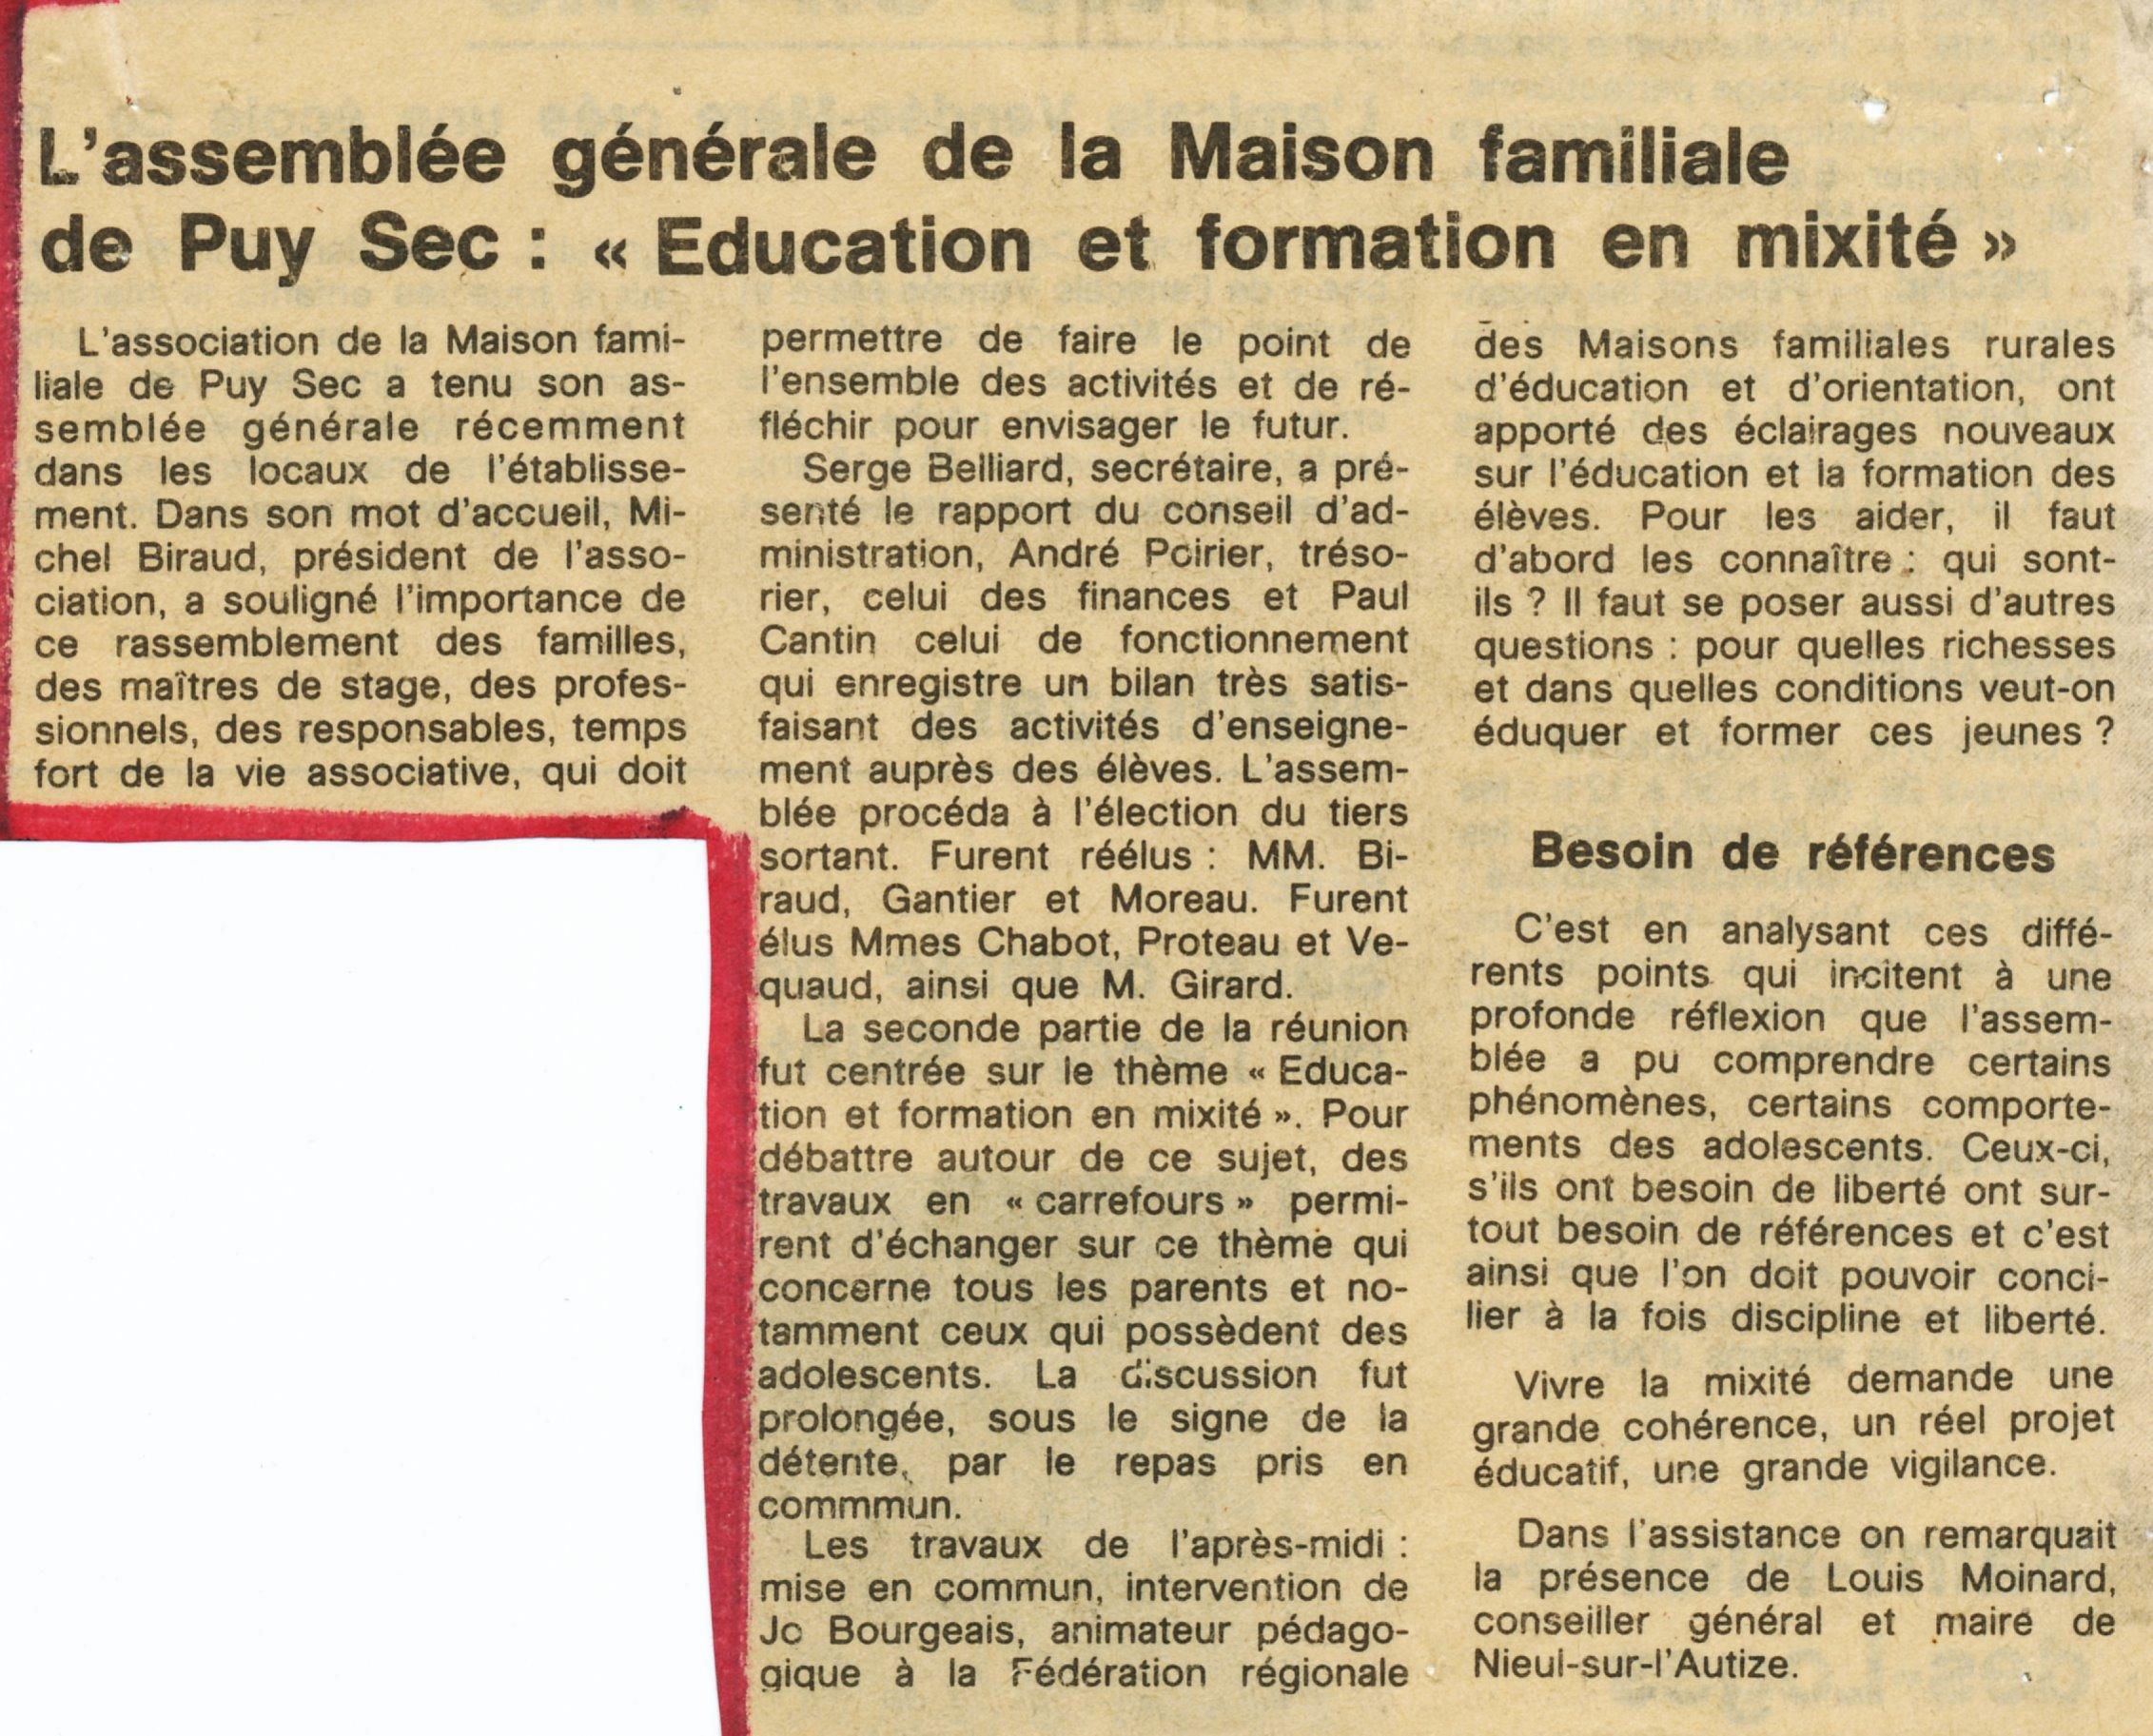 Archives anciens élèves mfr puy-sec 1986 (12)